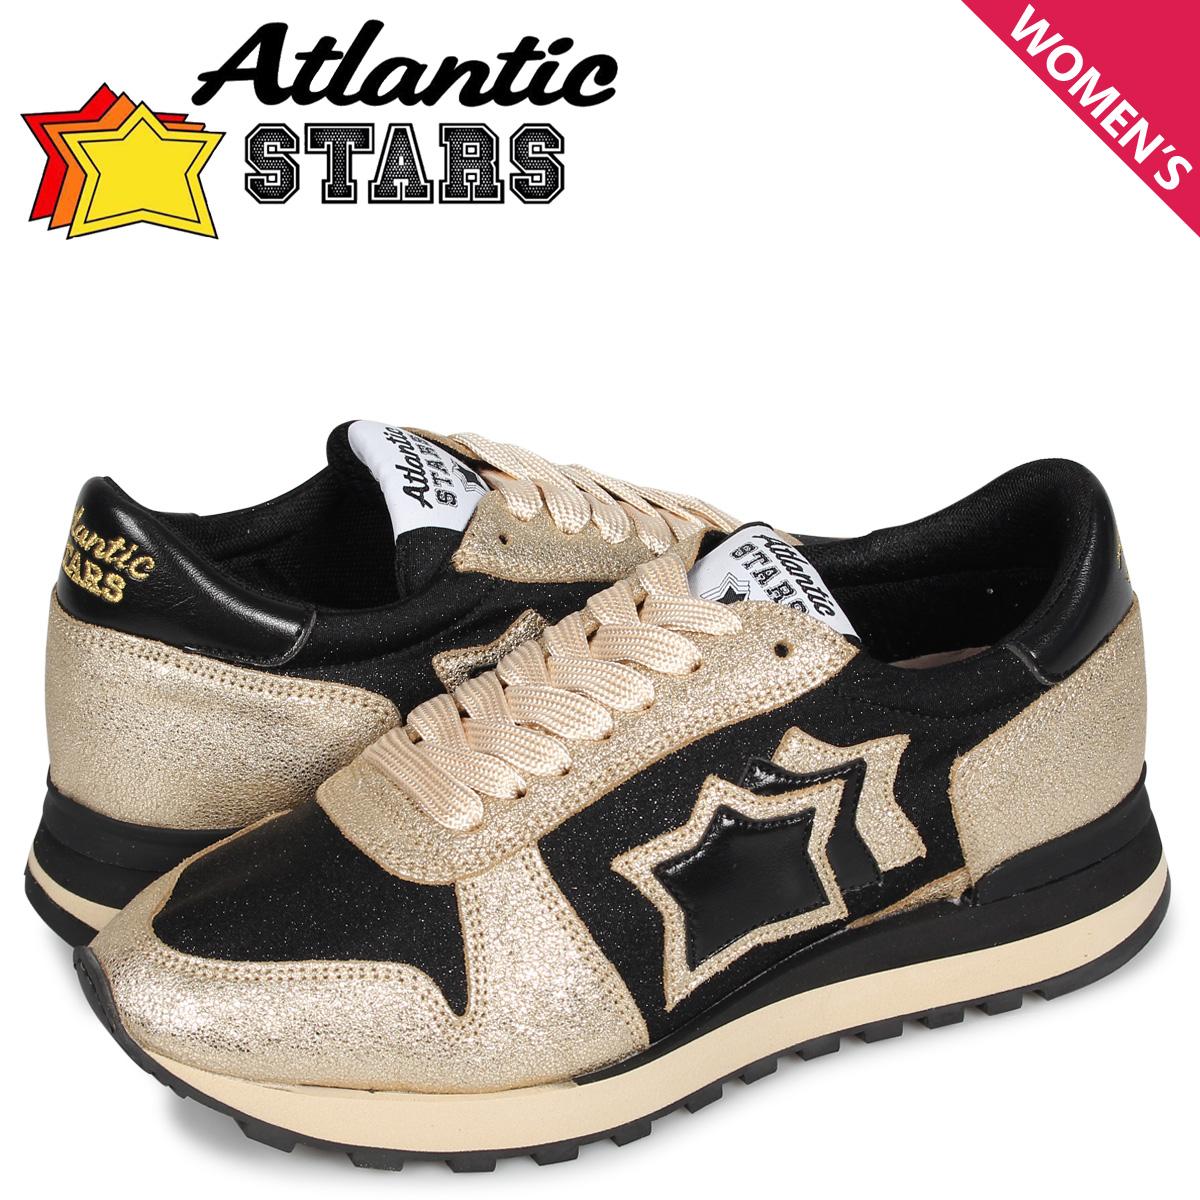 【最大2000円OFFクーポン】 アトランティックスターズ Atlantic STARS アレナ スニーカー レディース ALHENA ゴールド NCH-NY-NBNN